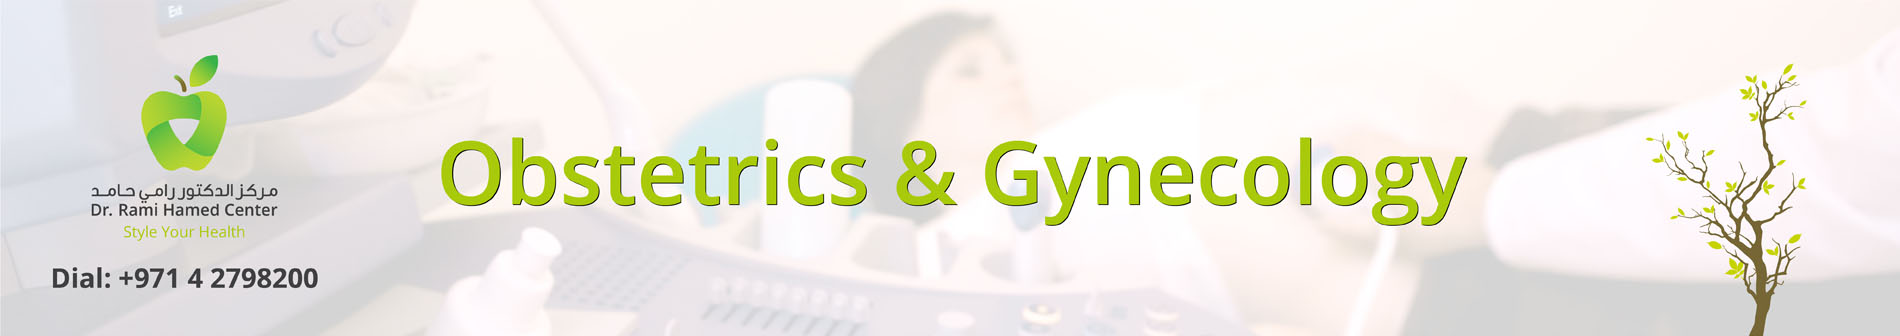 Dubai Gynaecology Clinic